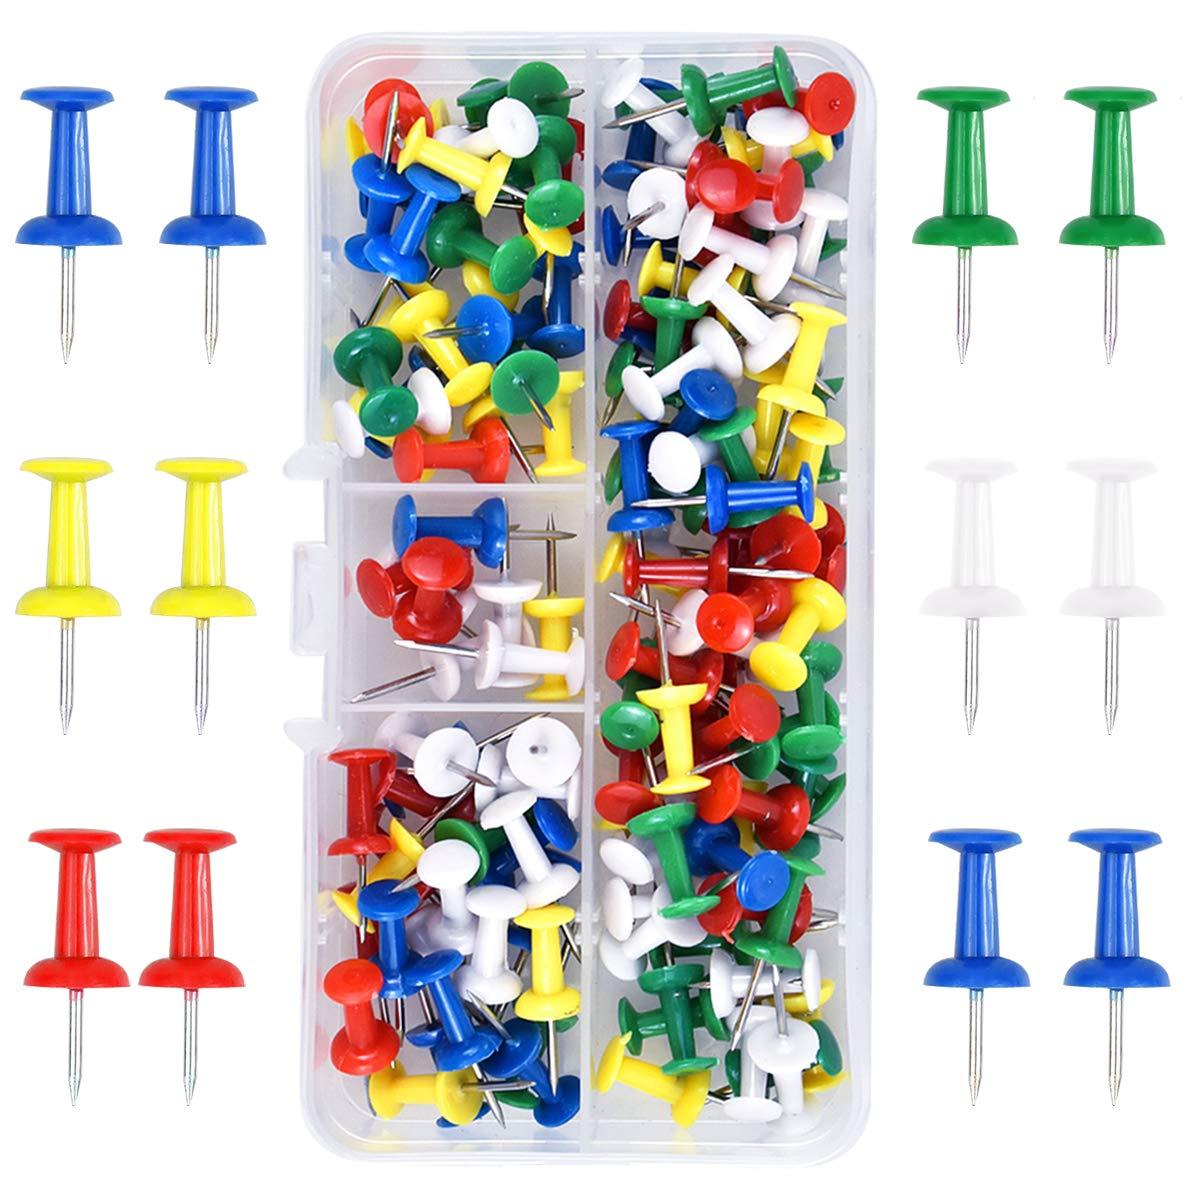 100 Piezas Multicolores Chinchetas de Mapa, Pines de Empuje en Una Caja de Plástico, Push Pins para Mapas y Tablones de Anuncios de Corcho (5 Colores): Amazon.es: Oficina y papelería